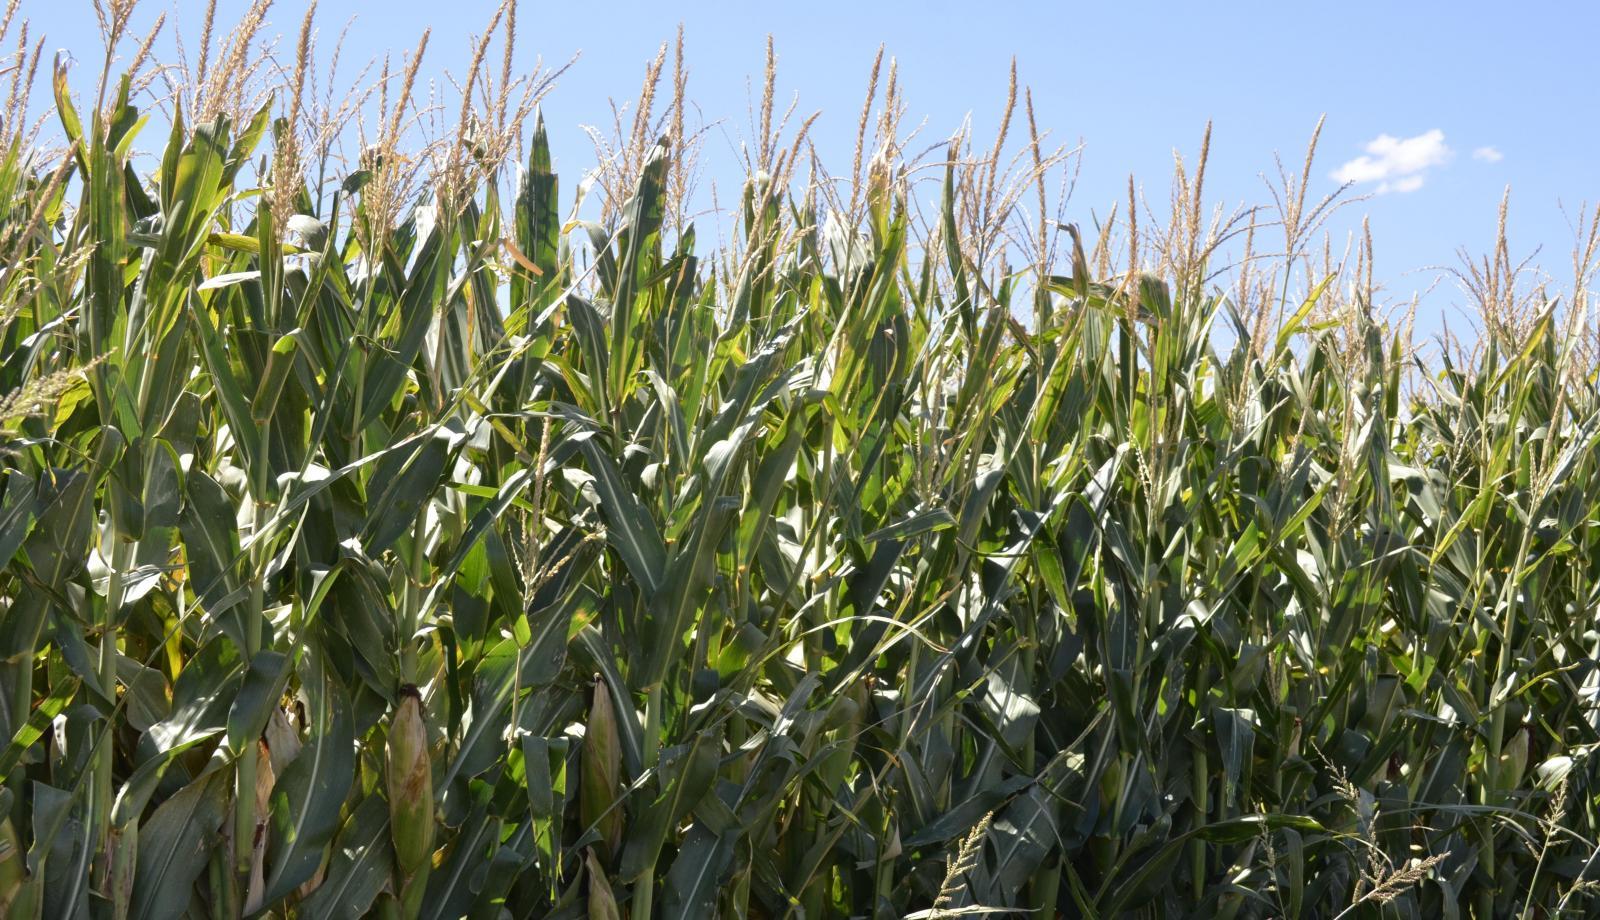 Farmers urged to seek assistance